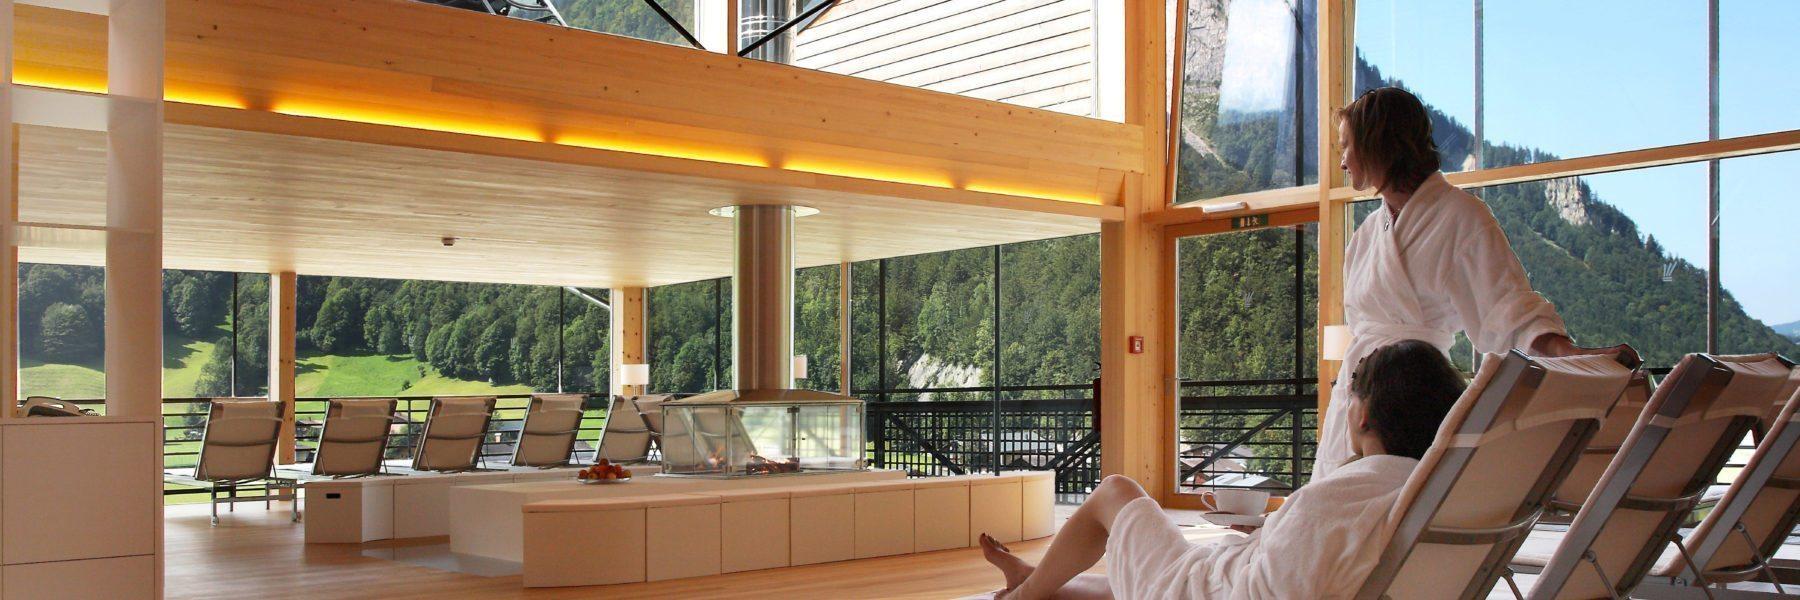 Sky Spa Hotel Krone Au Bregenzerwald Wellness